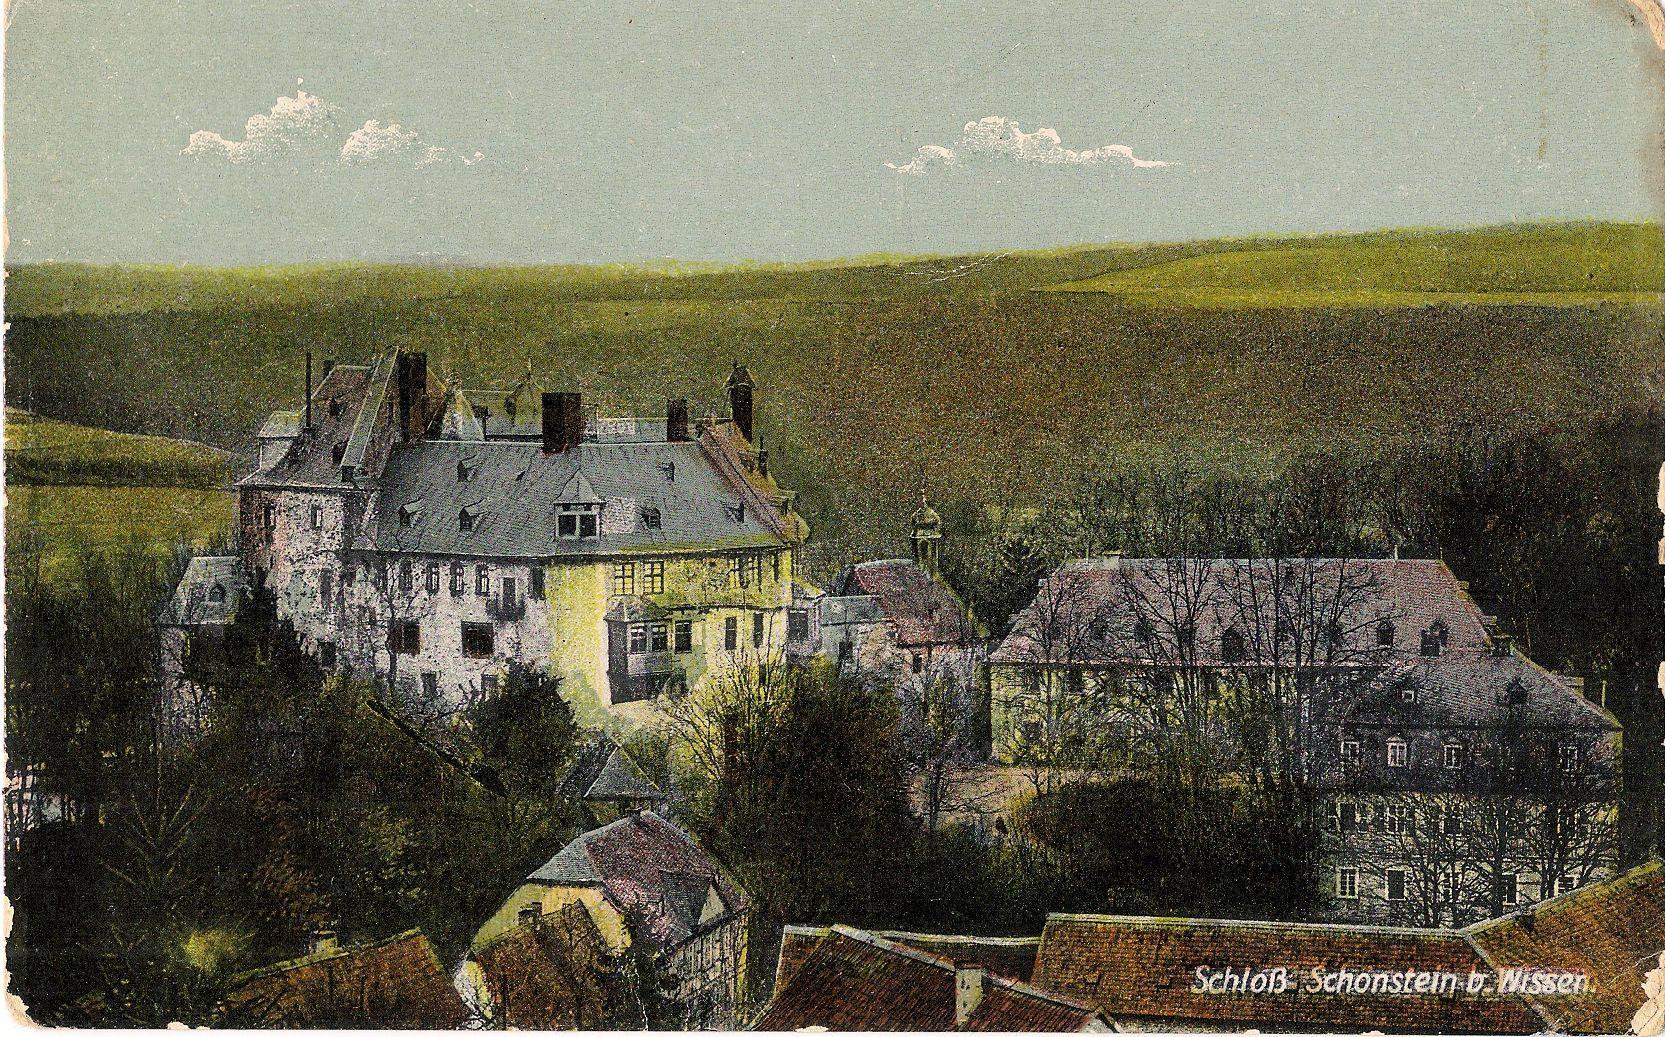 Schloß Schönstein 014